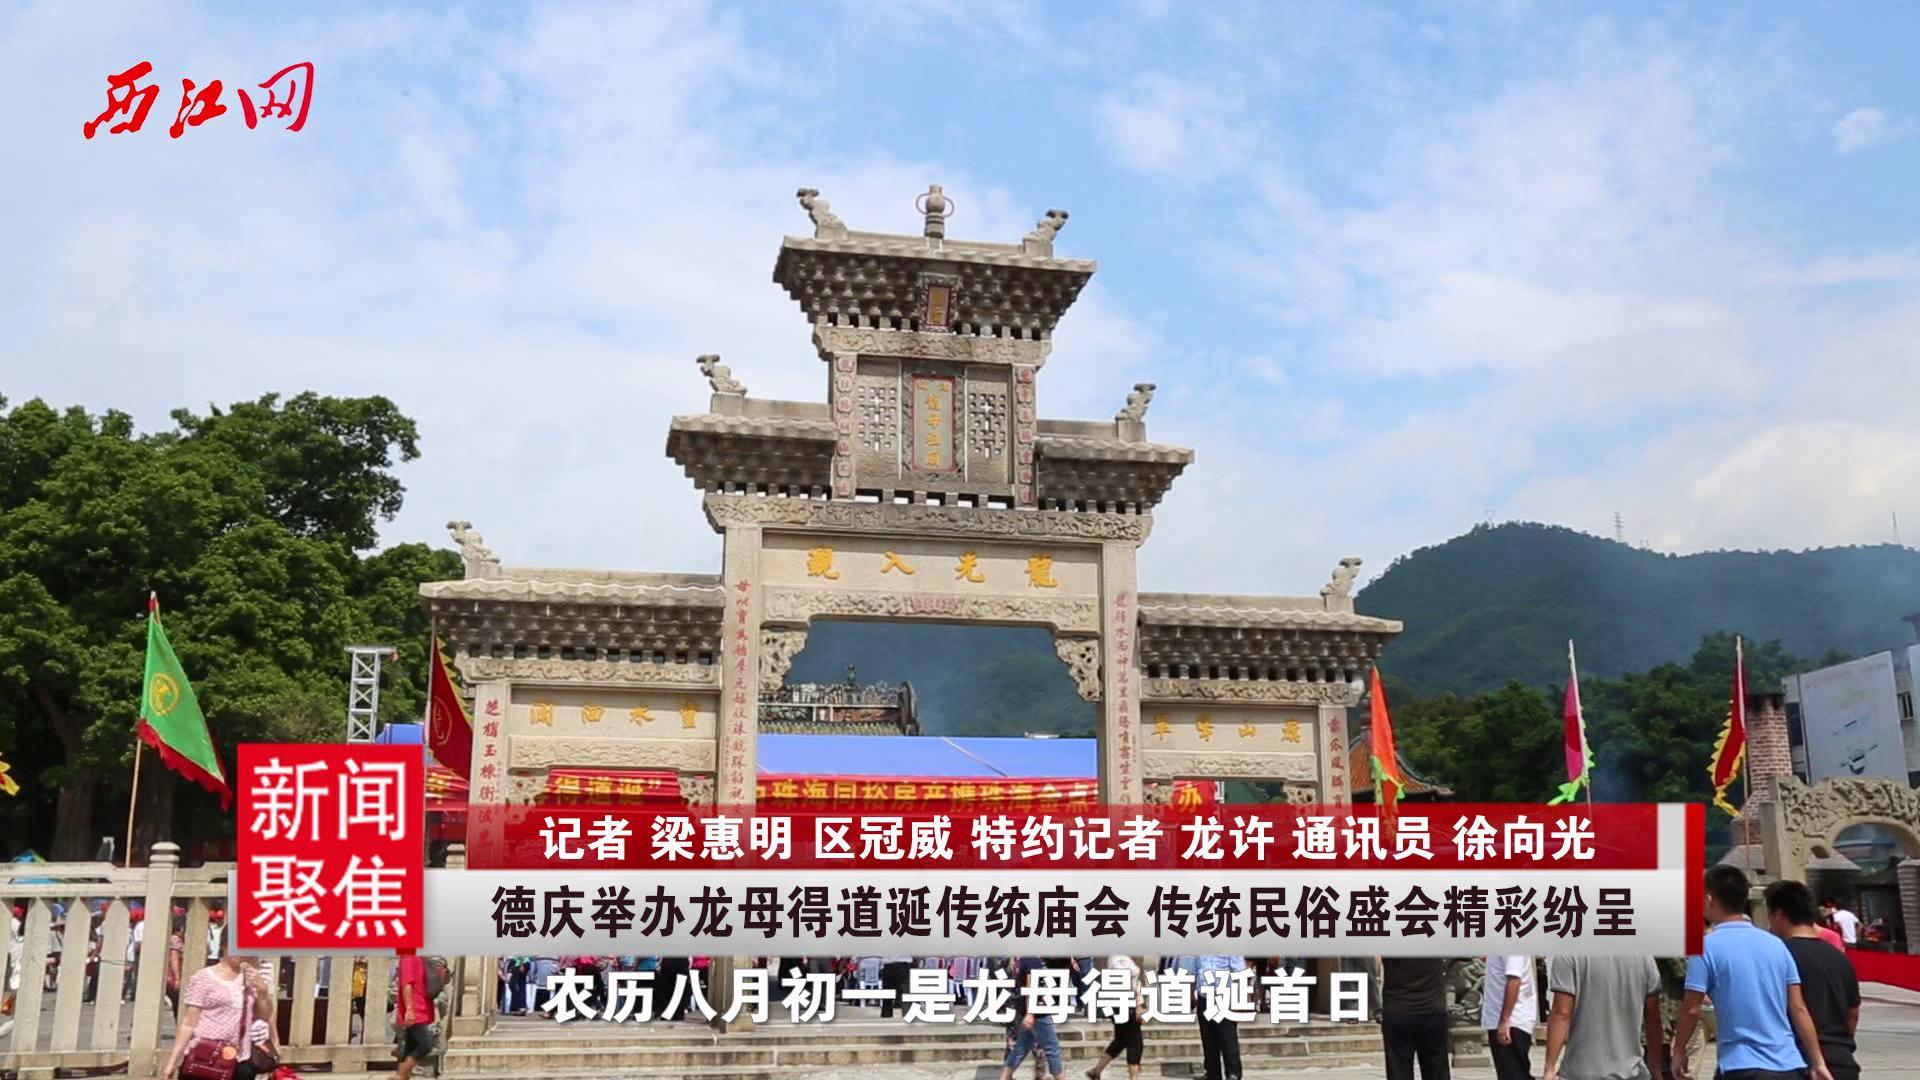 德庆举办龙母得道诞传统庙会 传统民俗盛会精彩纷呈